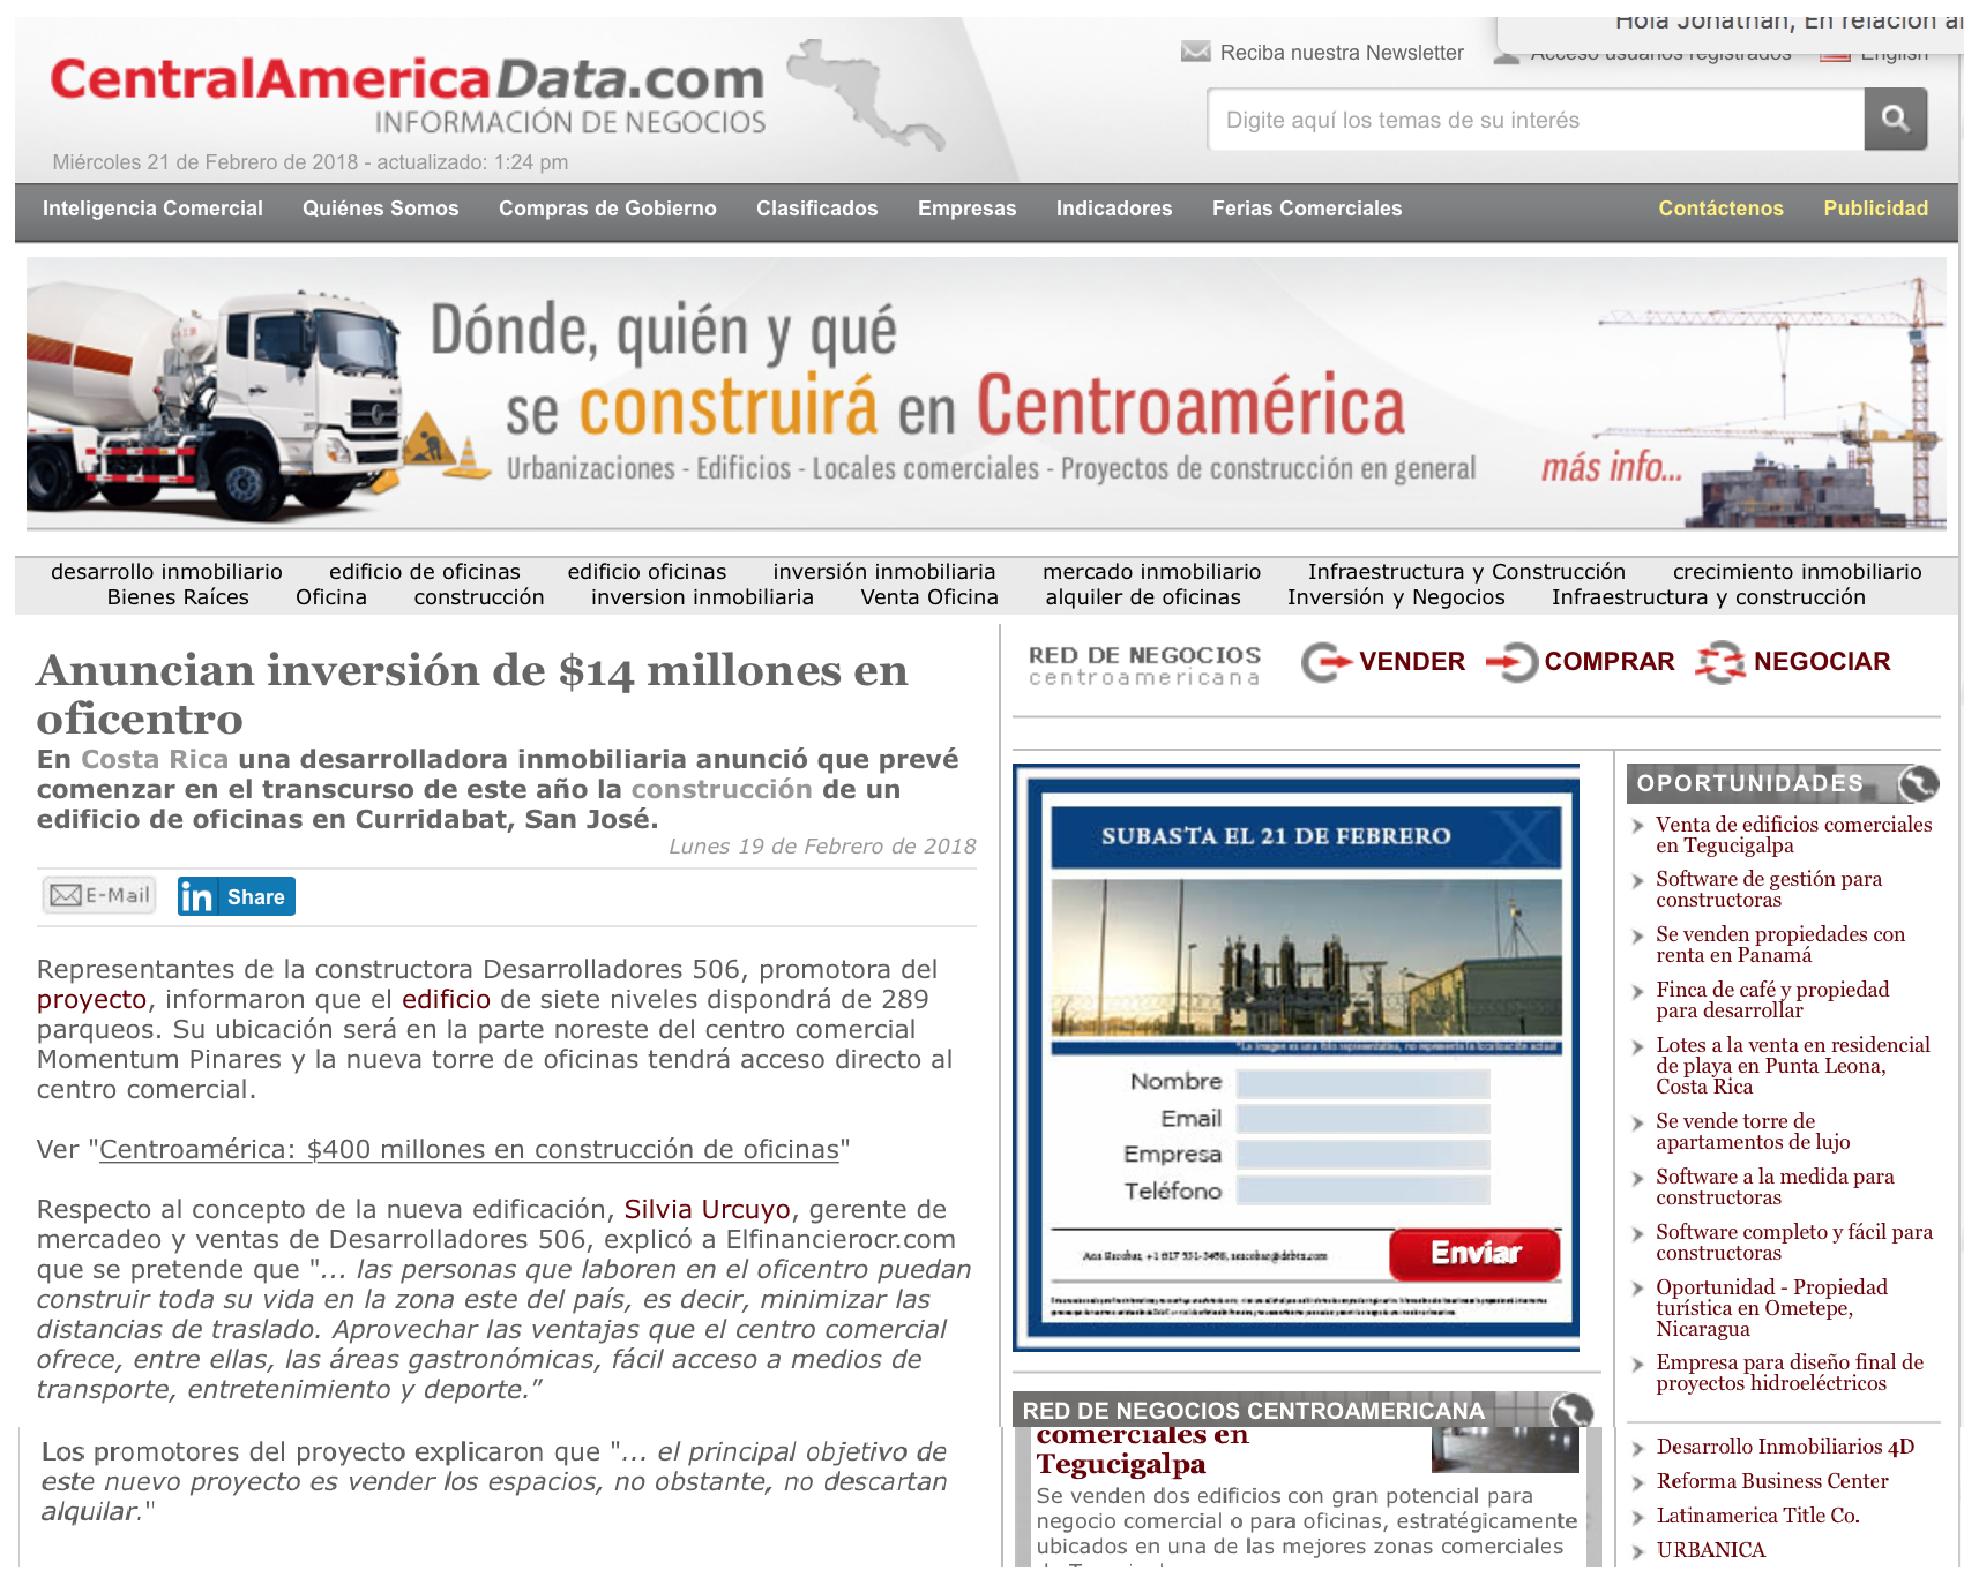 Central America Data 21 febrero-01.png